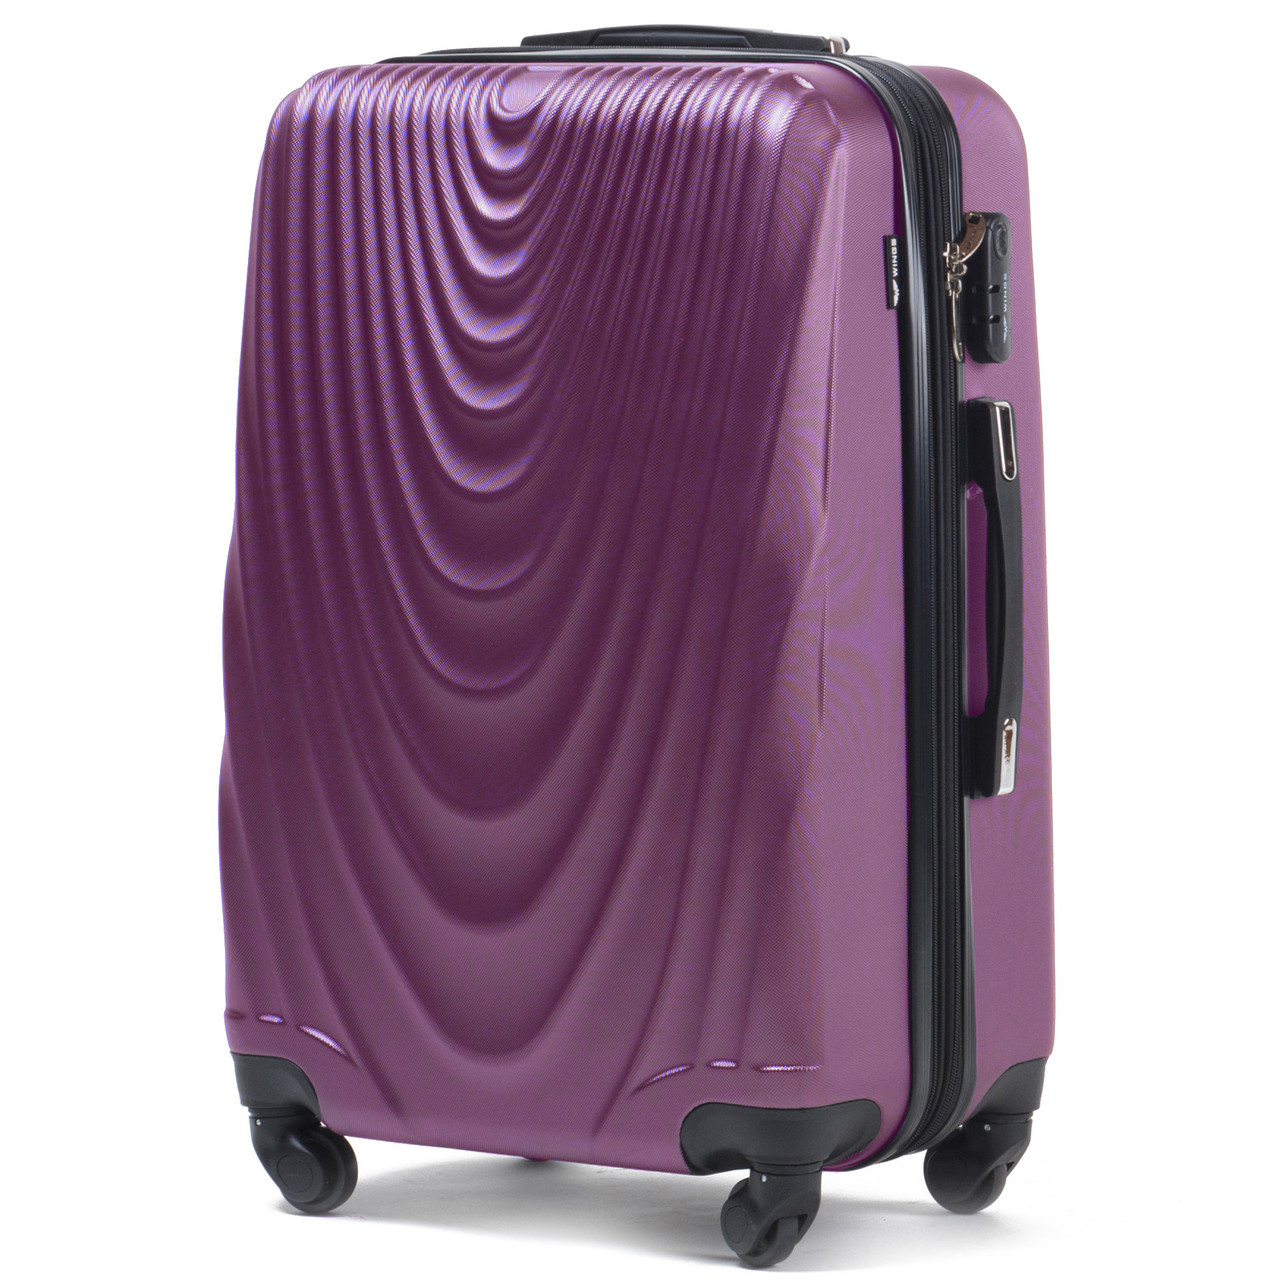 Малый пластиковый чемодан Wings 304 на 4 колесах фиолетовый